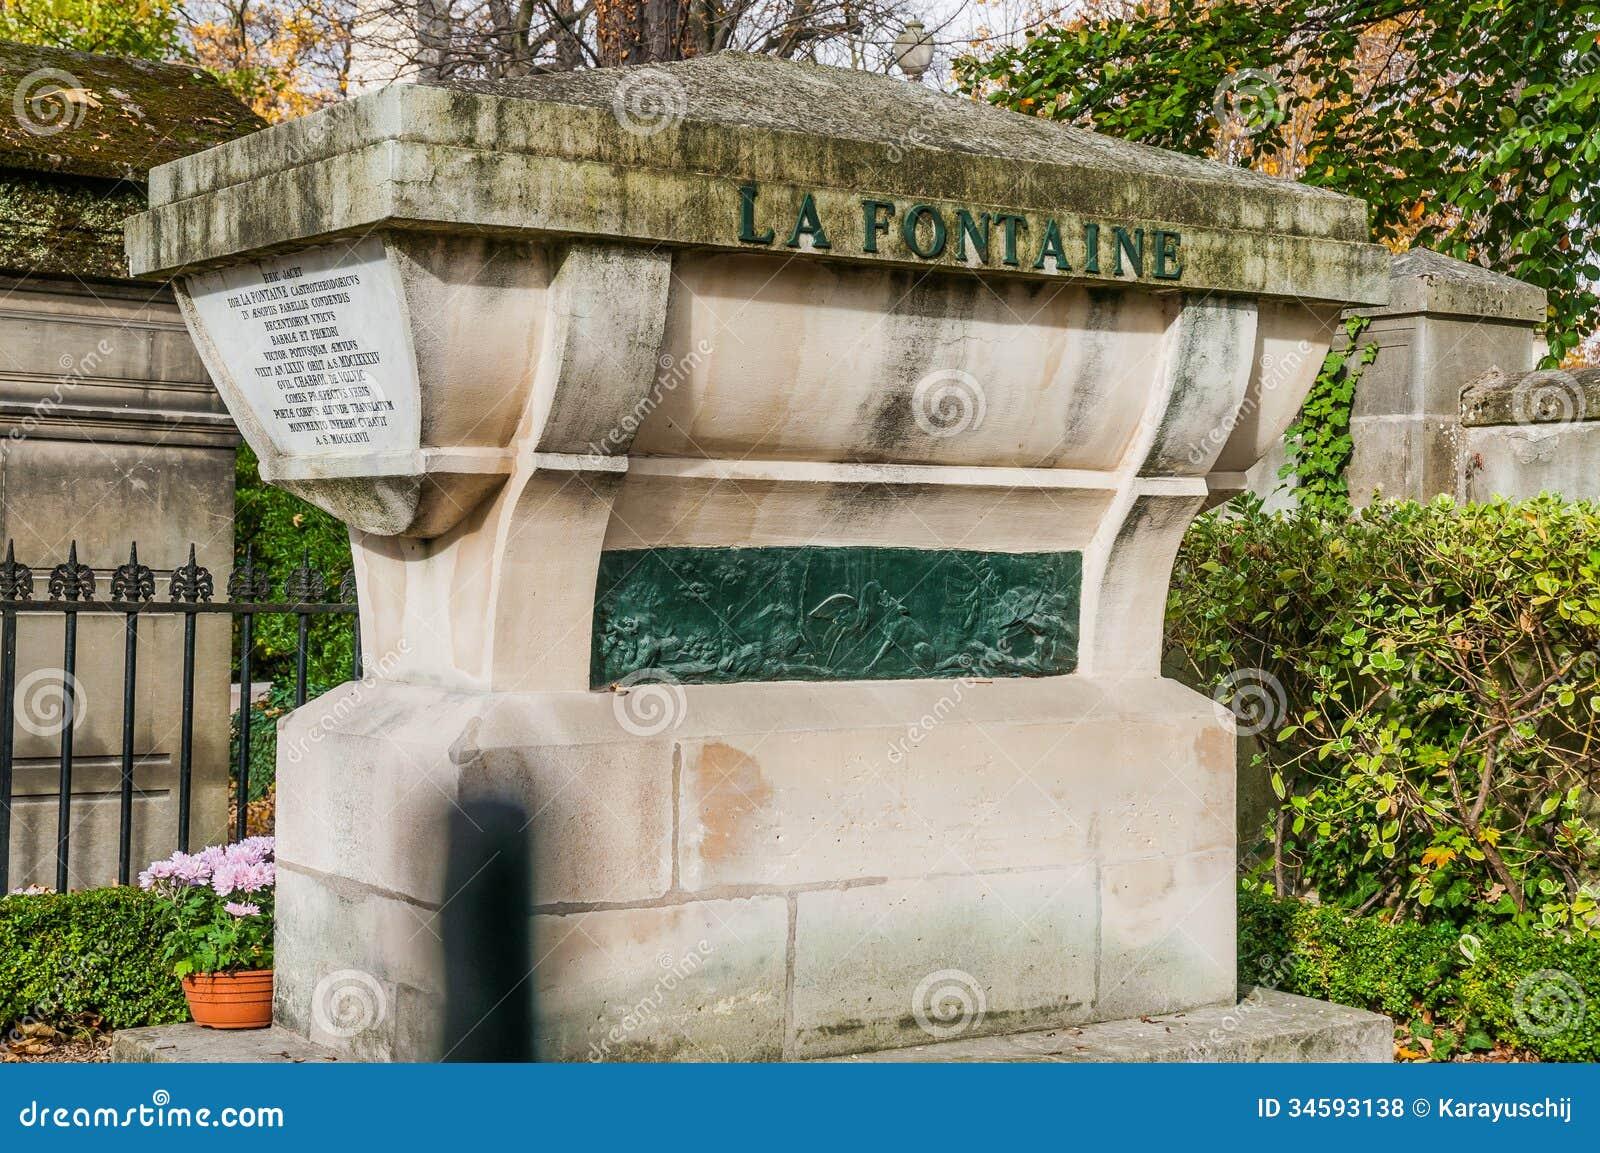 Tomb of la fontaine in pere lachaise cemetery royalty free stock photos ima - Technique de la chaise ...